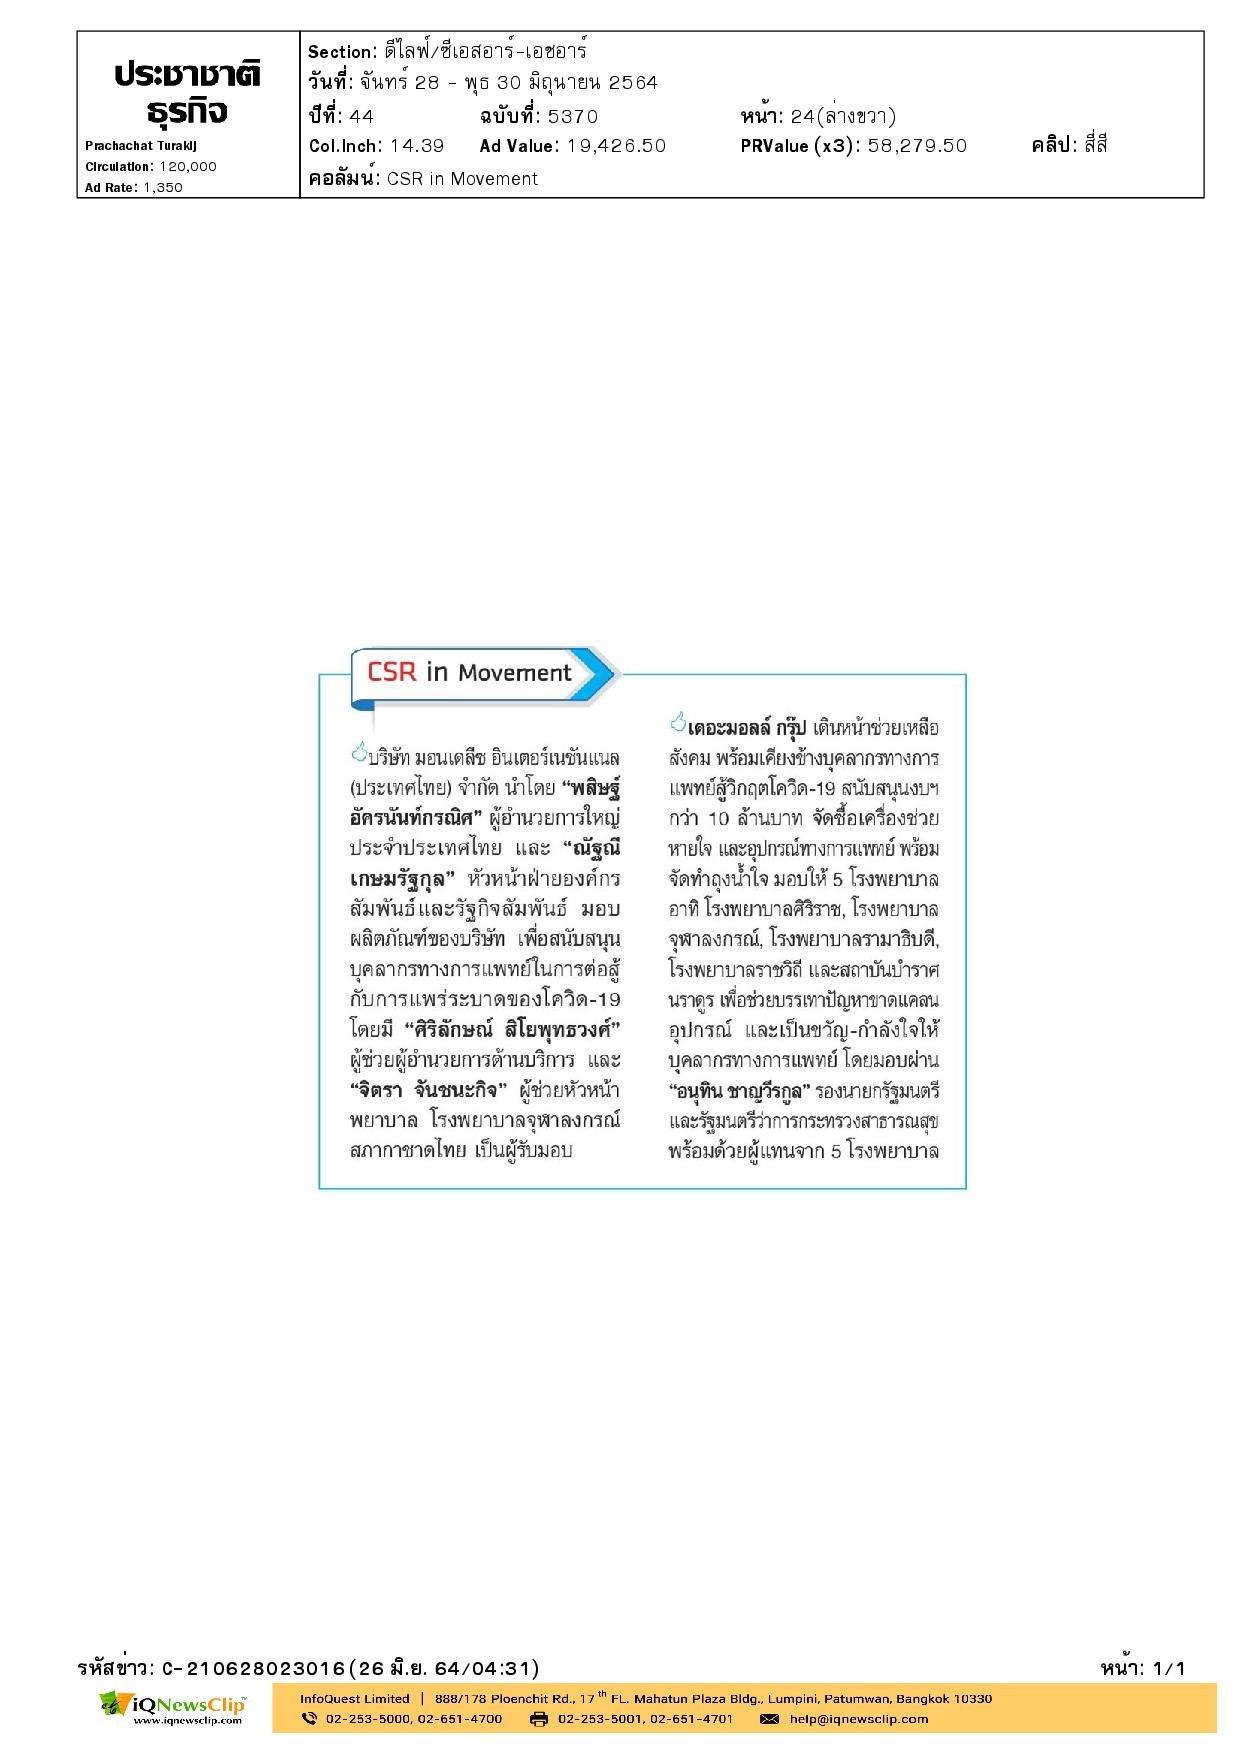 รับมอบผลิตภัณฑ์ สนับสนุนบุคลากรทางการแพทย์ในการต่อสู้การแพร่ระบาดโควิด-19